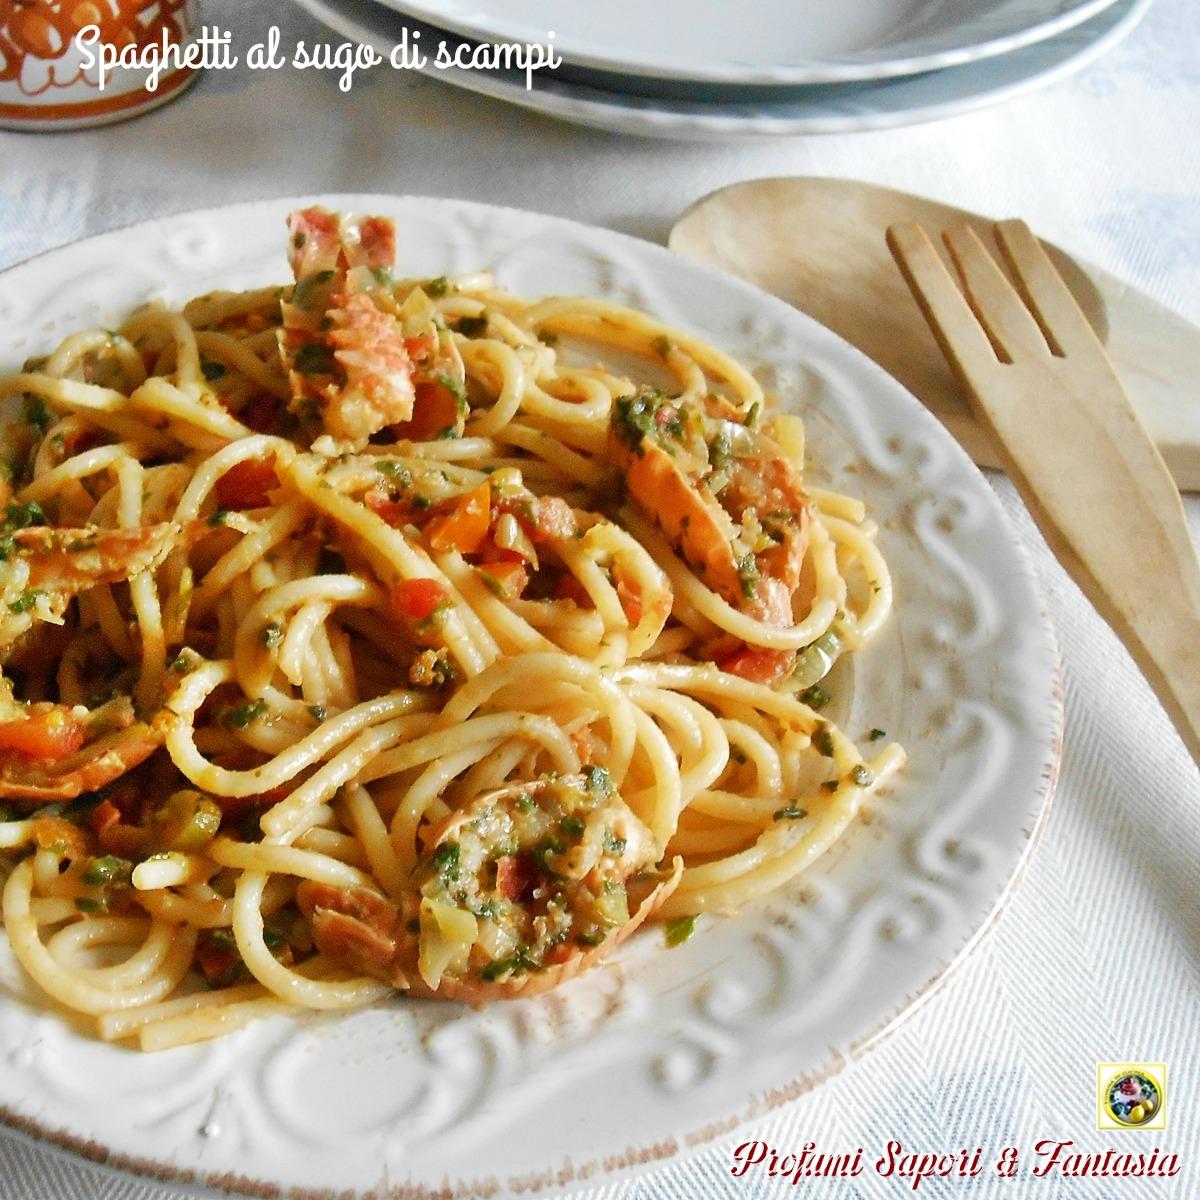 Spaghetti al sugo di scampi Blog Profumi Sapori & Fantasia